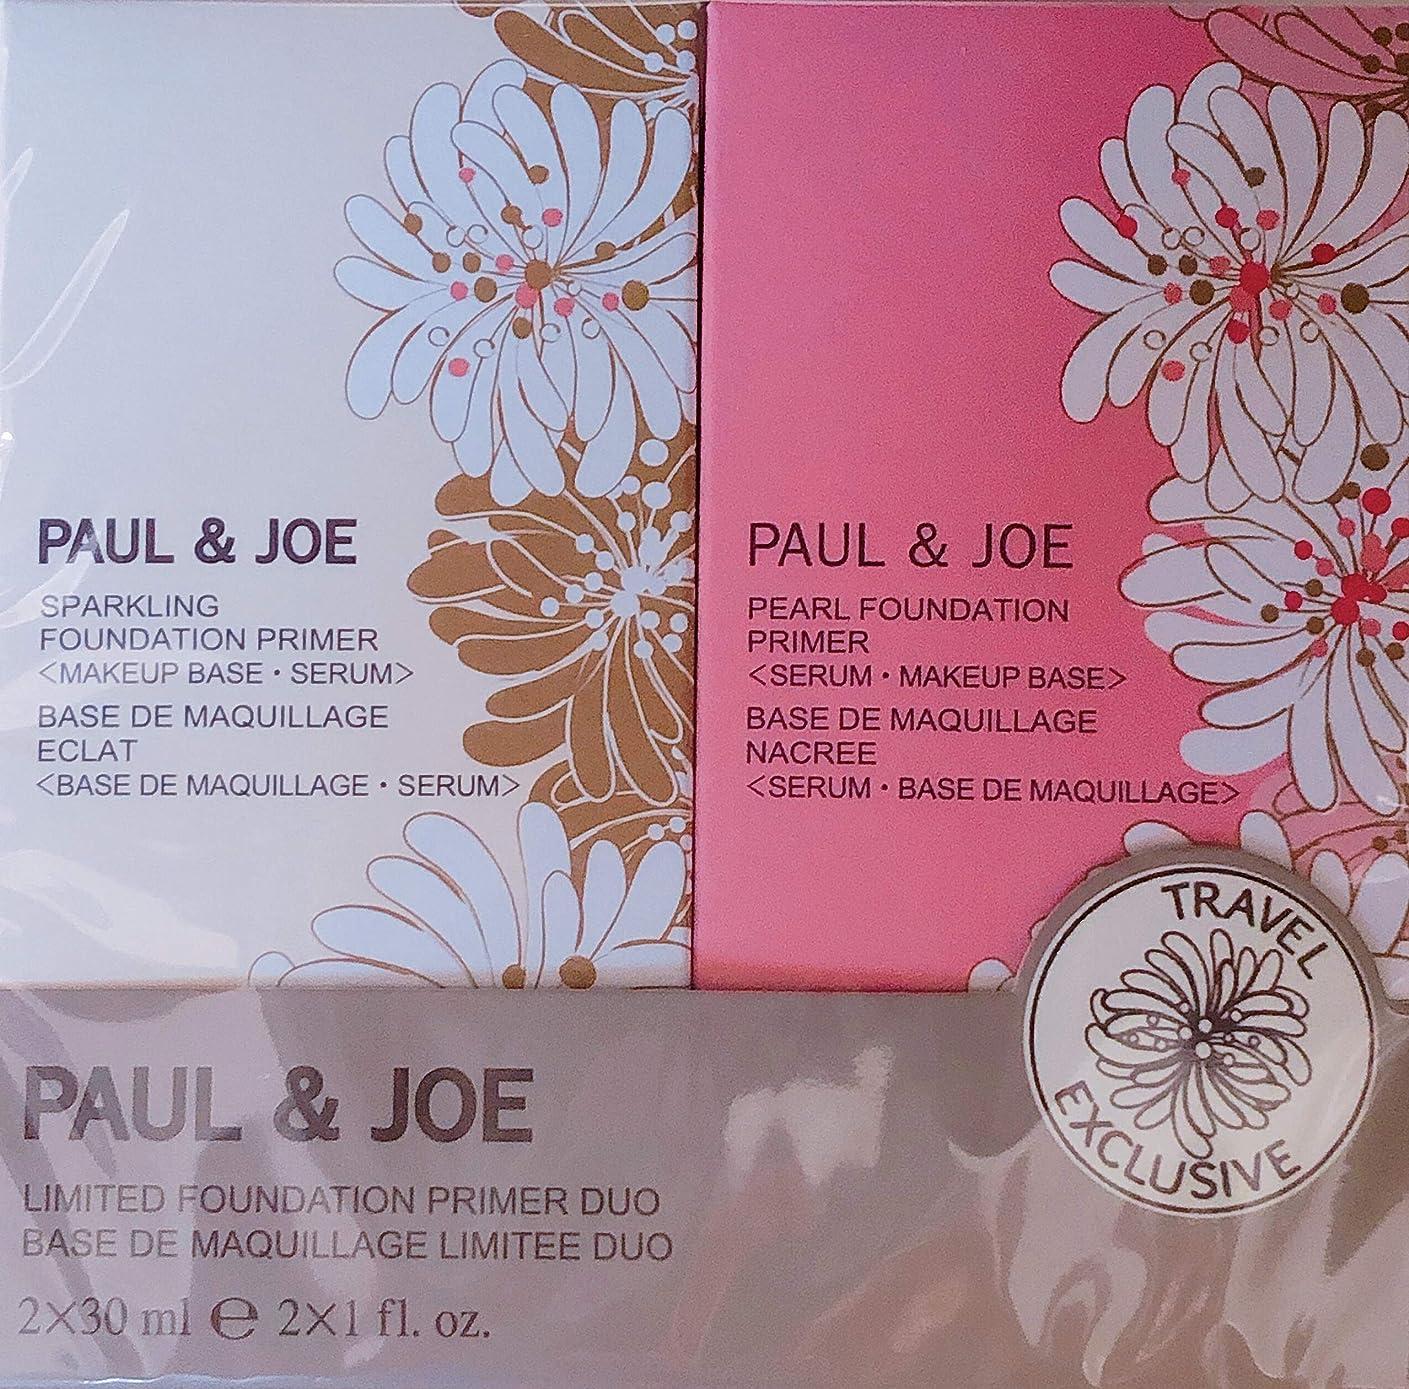 閲覧する確執名目上のポール&ジョー スパークリング ファンデーション プライマー 001 30ml パール ファンデーション プライマー002 30ml 美容液 化粧下地 PAUL&JOE